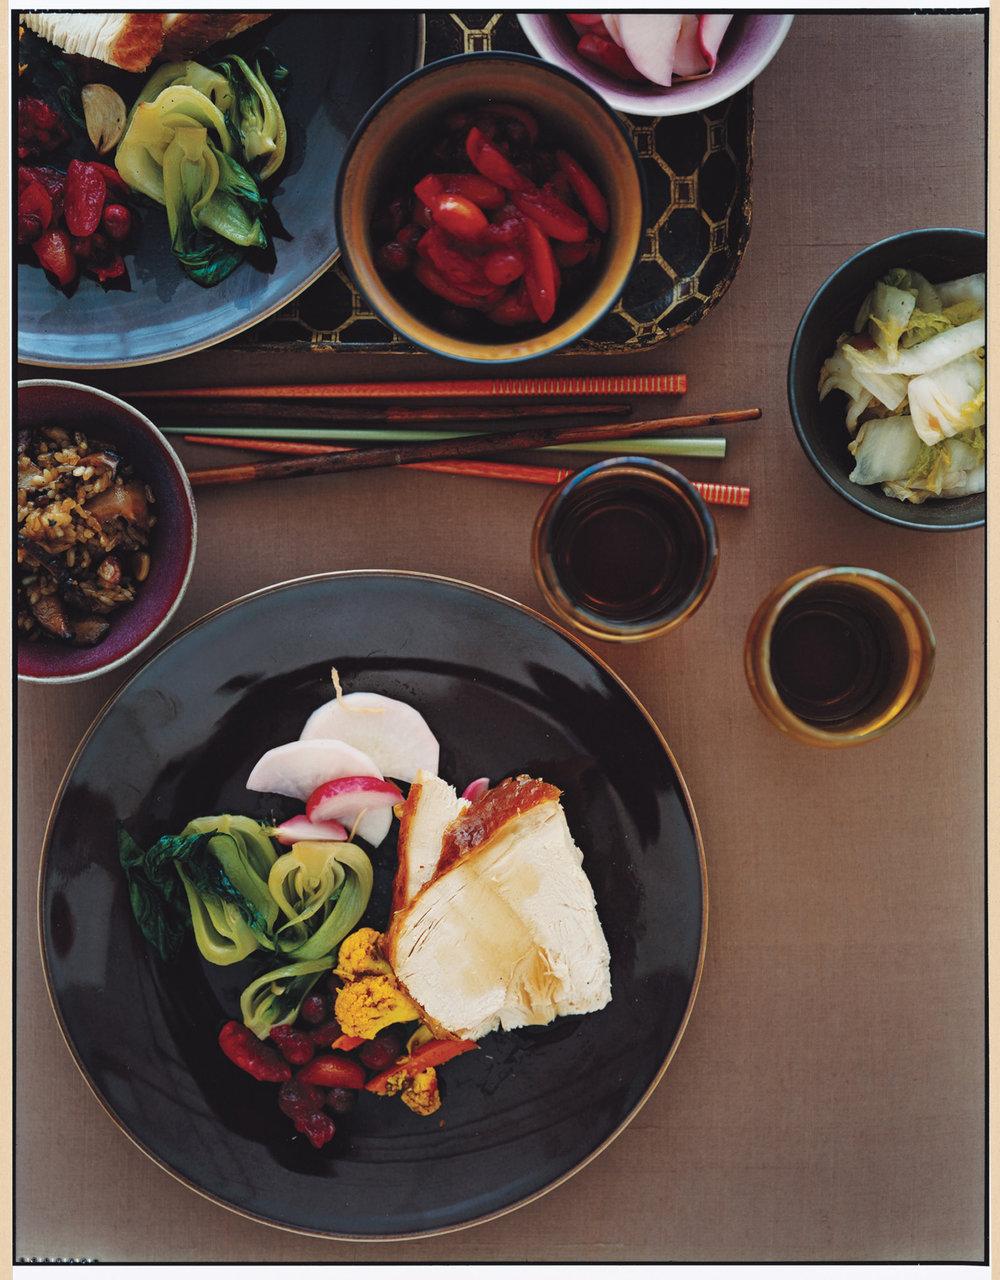 RG-007_0553-Gourmet.jpg